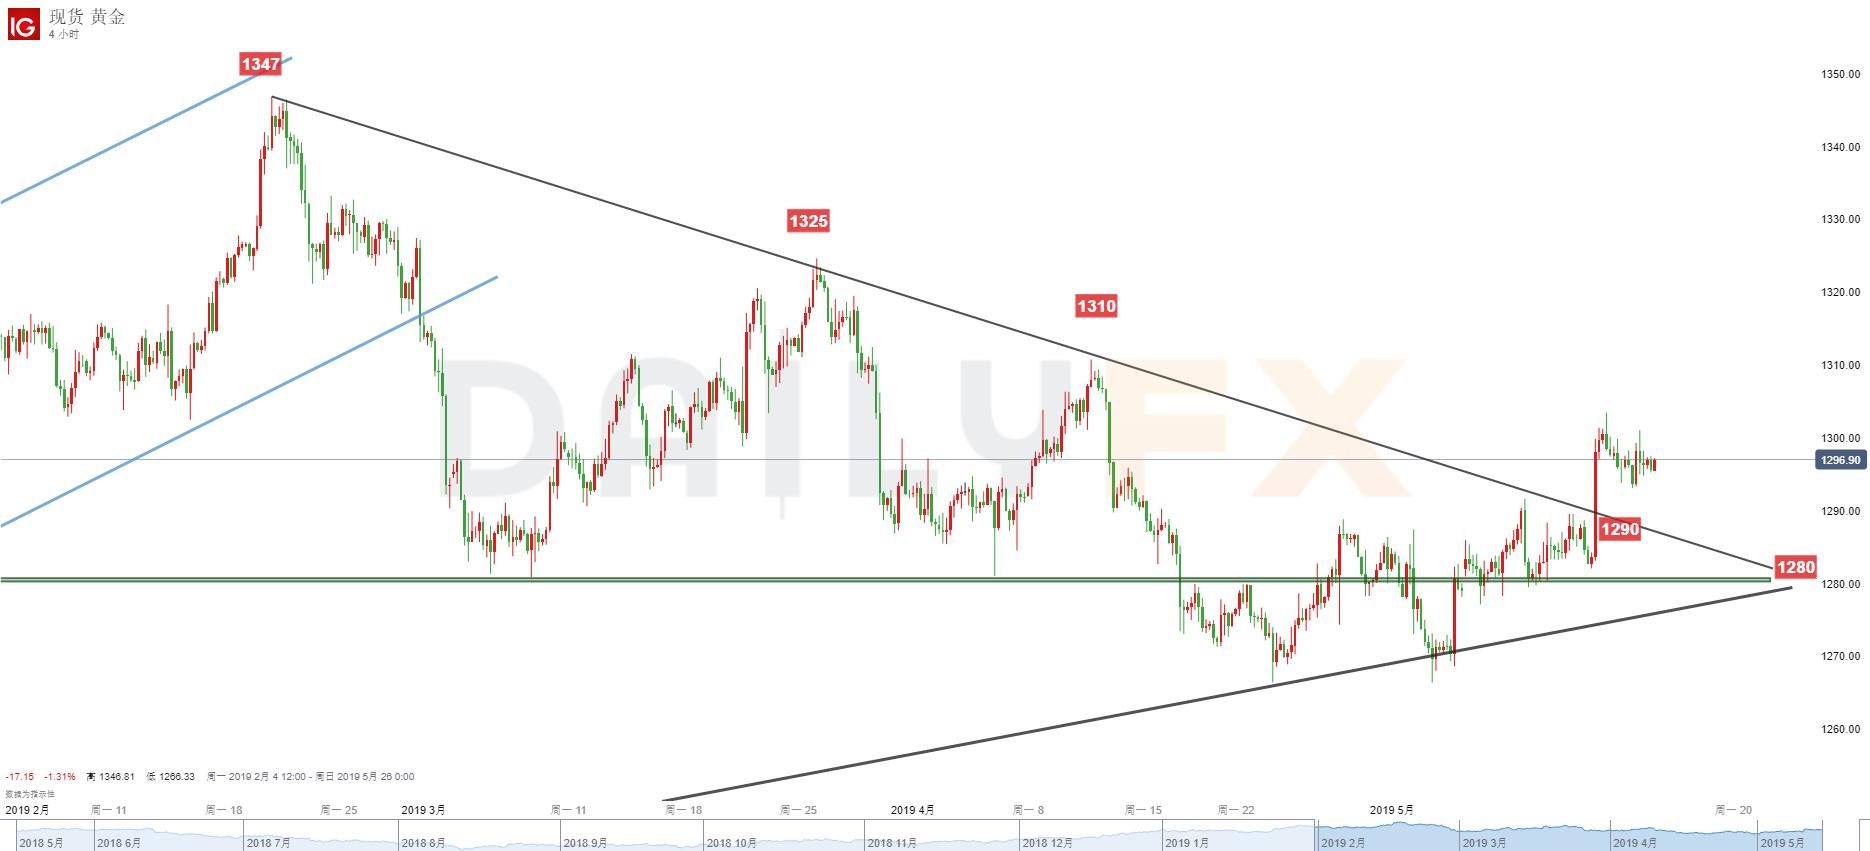 黃金/美元技術分析:繼續關注1290-1300兩端